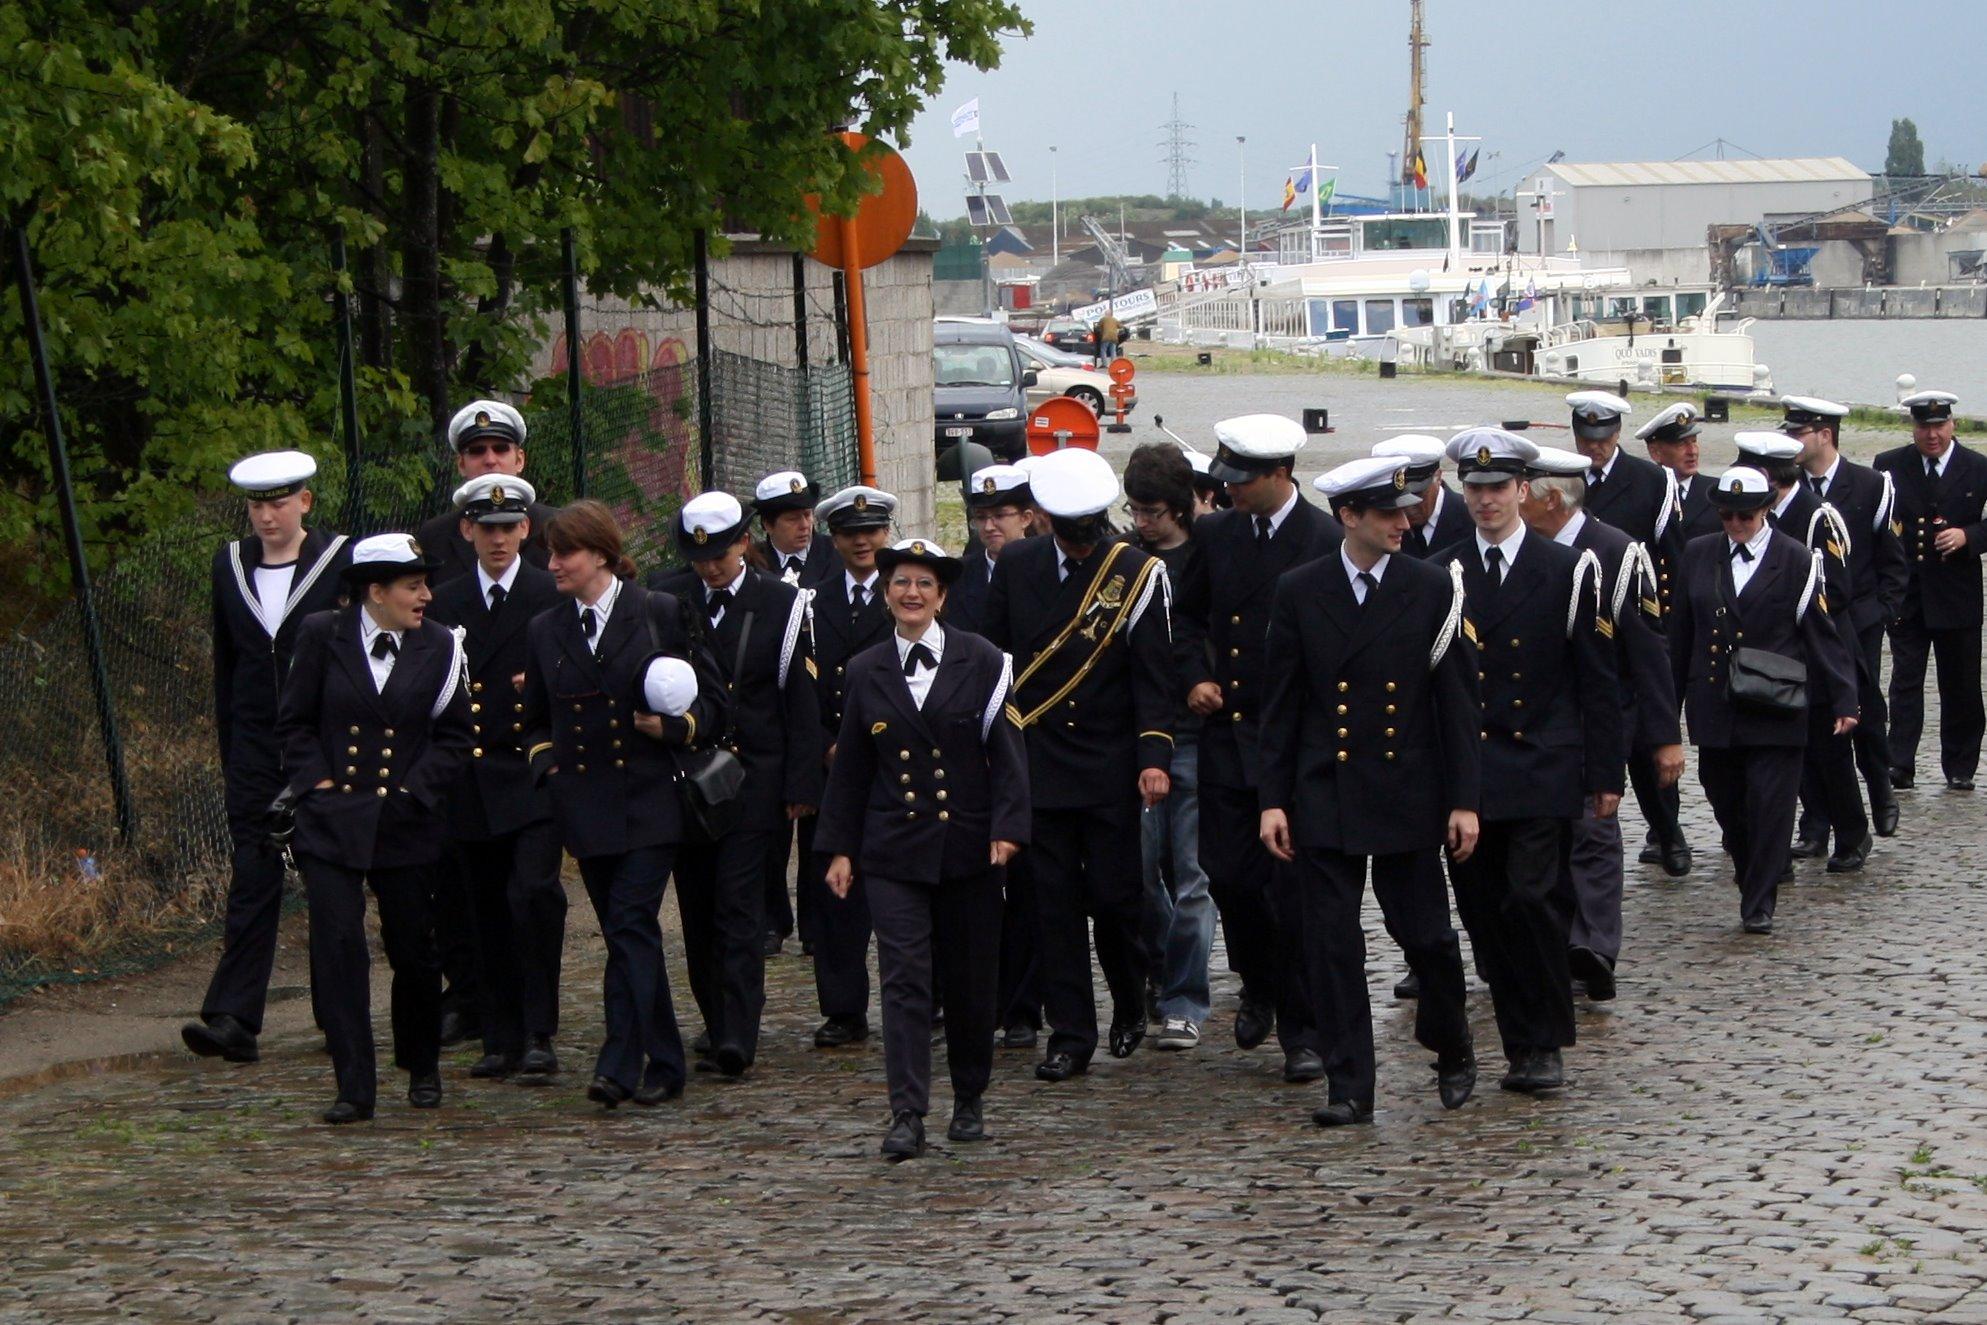 Fastes des Cadets de Marine à Bruxelles le 18/06/2011 - Page 13 1106200611441095838354949